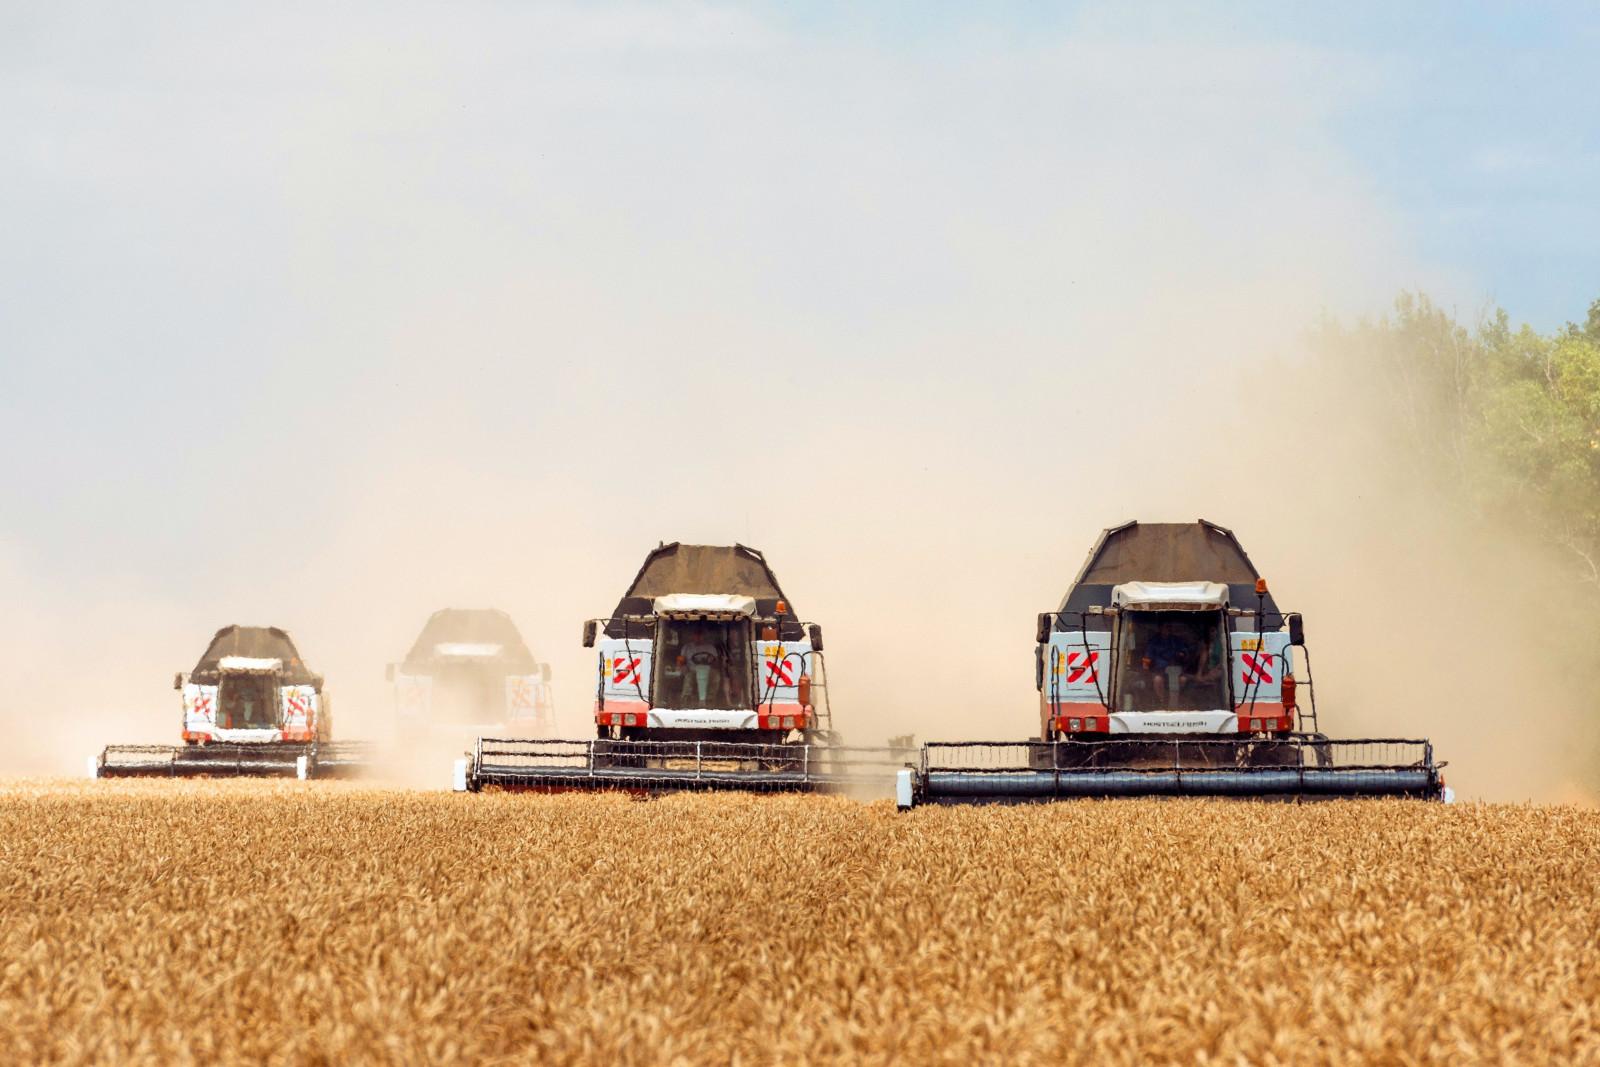 Донские аграрии закупили более 2,6 тысячи единиц сельхозтехники